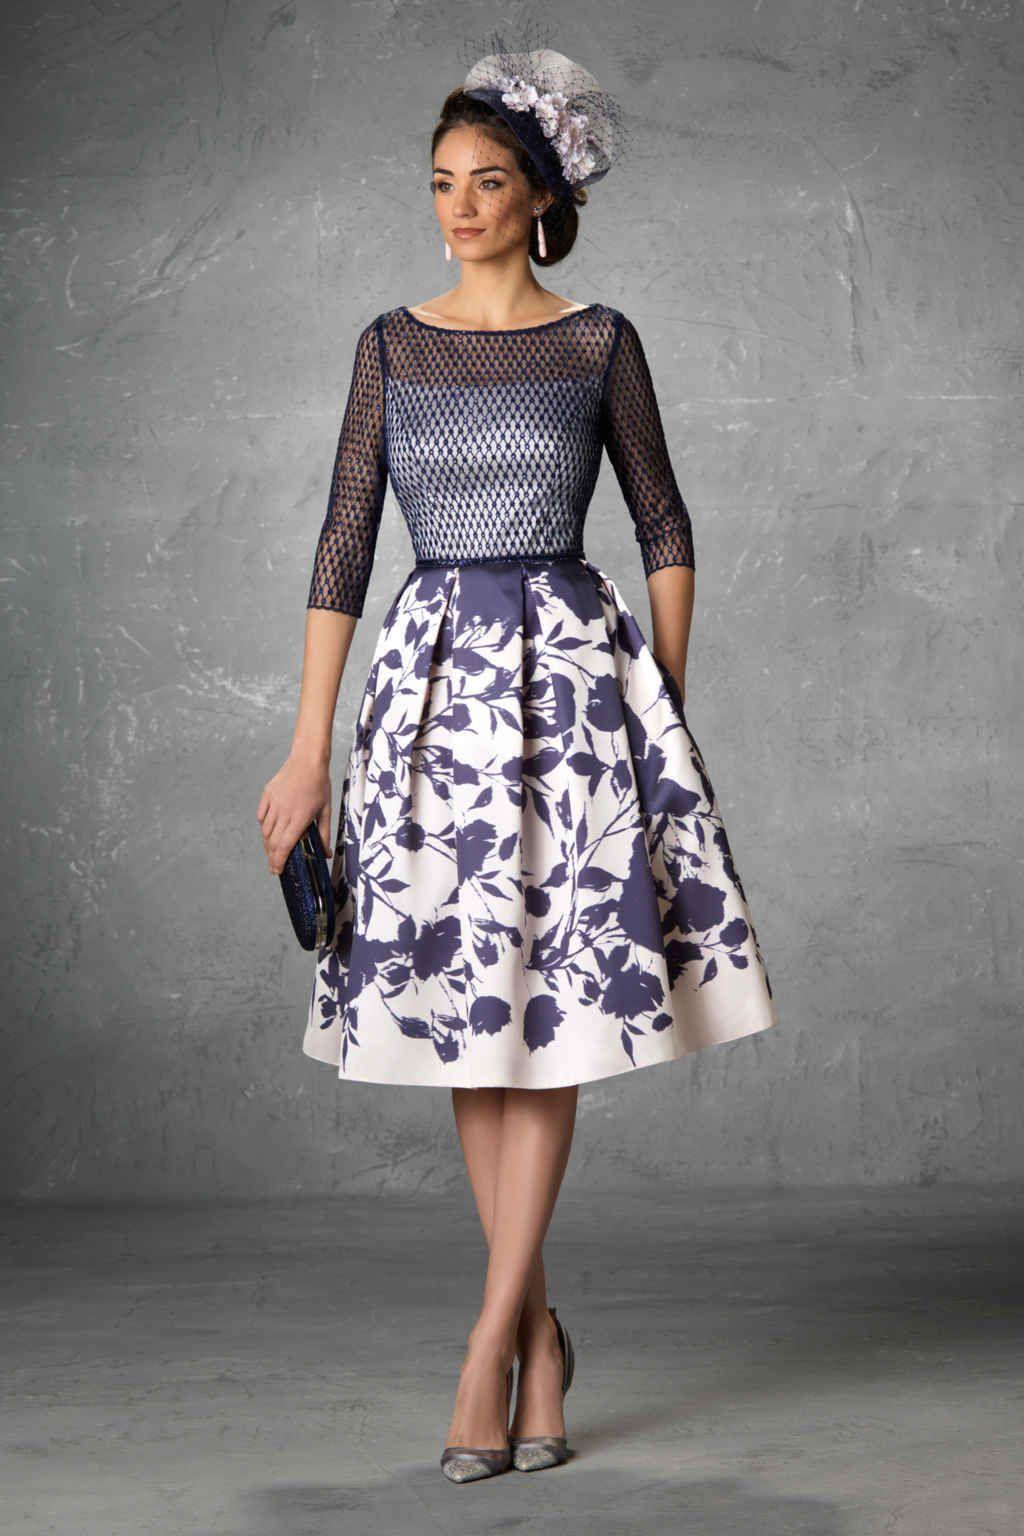 Vestidos de madrina y fiesta con unos acabados y calidad excelente. Llevar  vestidos de madrina Esthefan hace que sea una verdadera exclusividad. b954ed6a76a